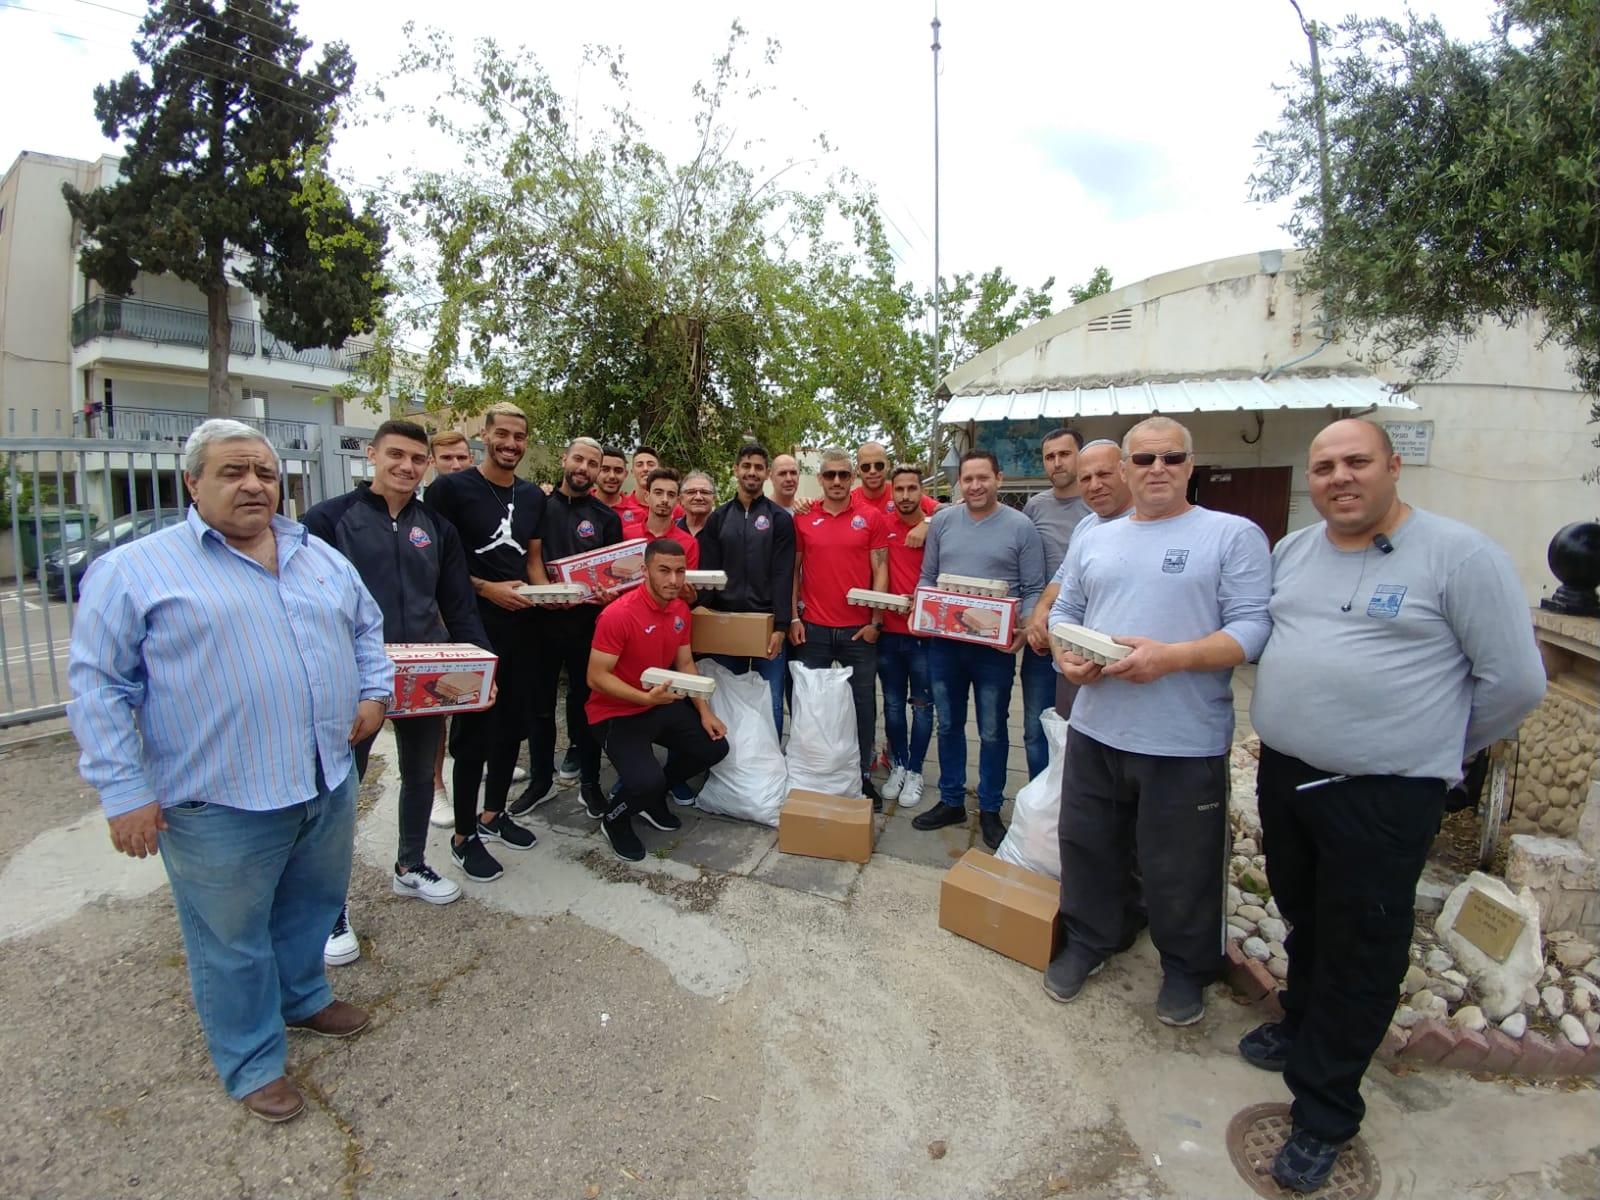 שחקני הקבוצה במבצע חלוקת מזון למשפחות נזקקות